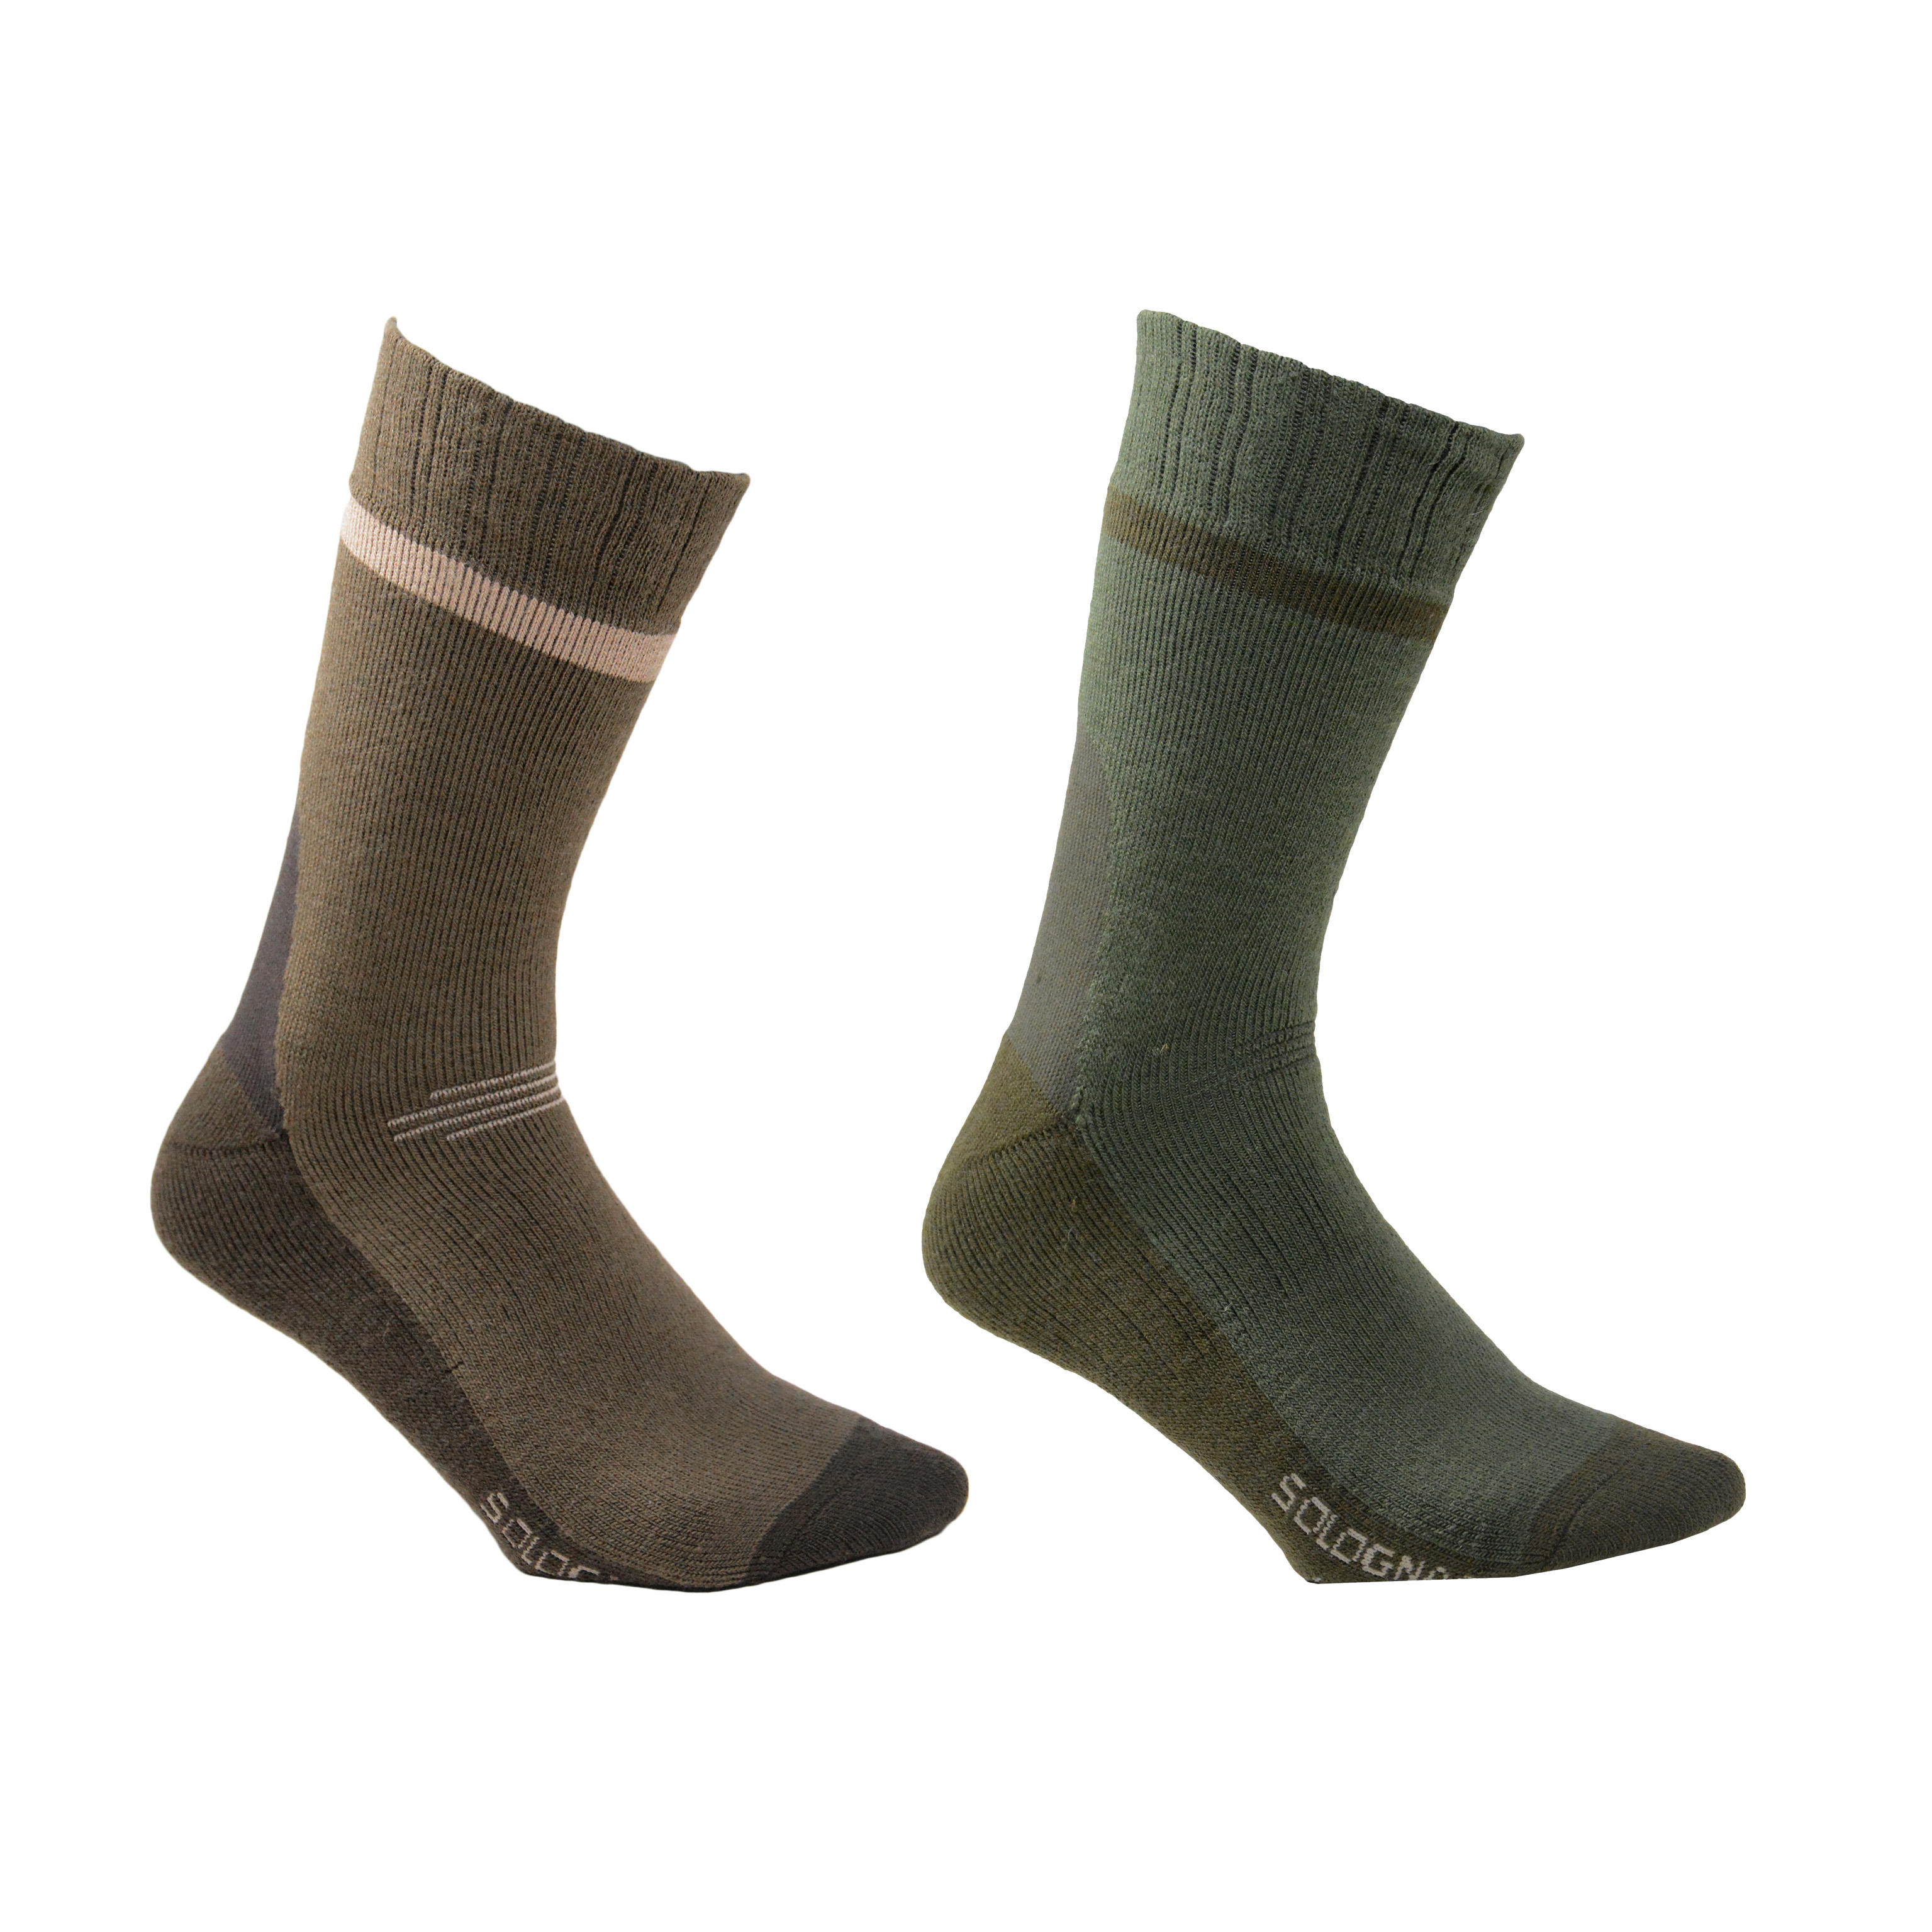 Calcetines cálidos de caza Winter middle x2 marrón